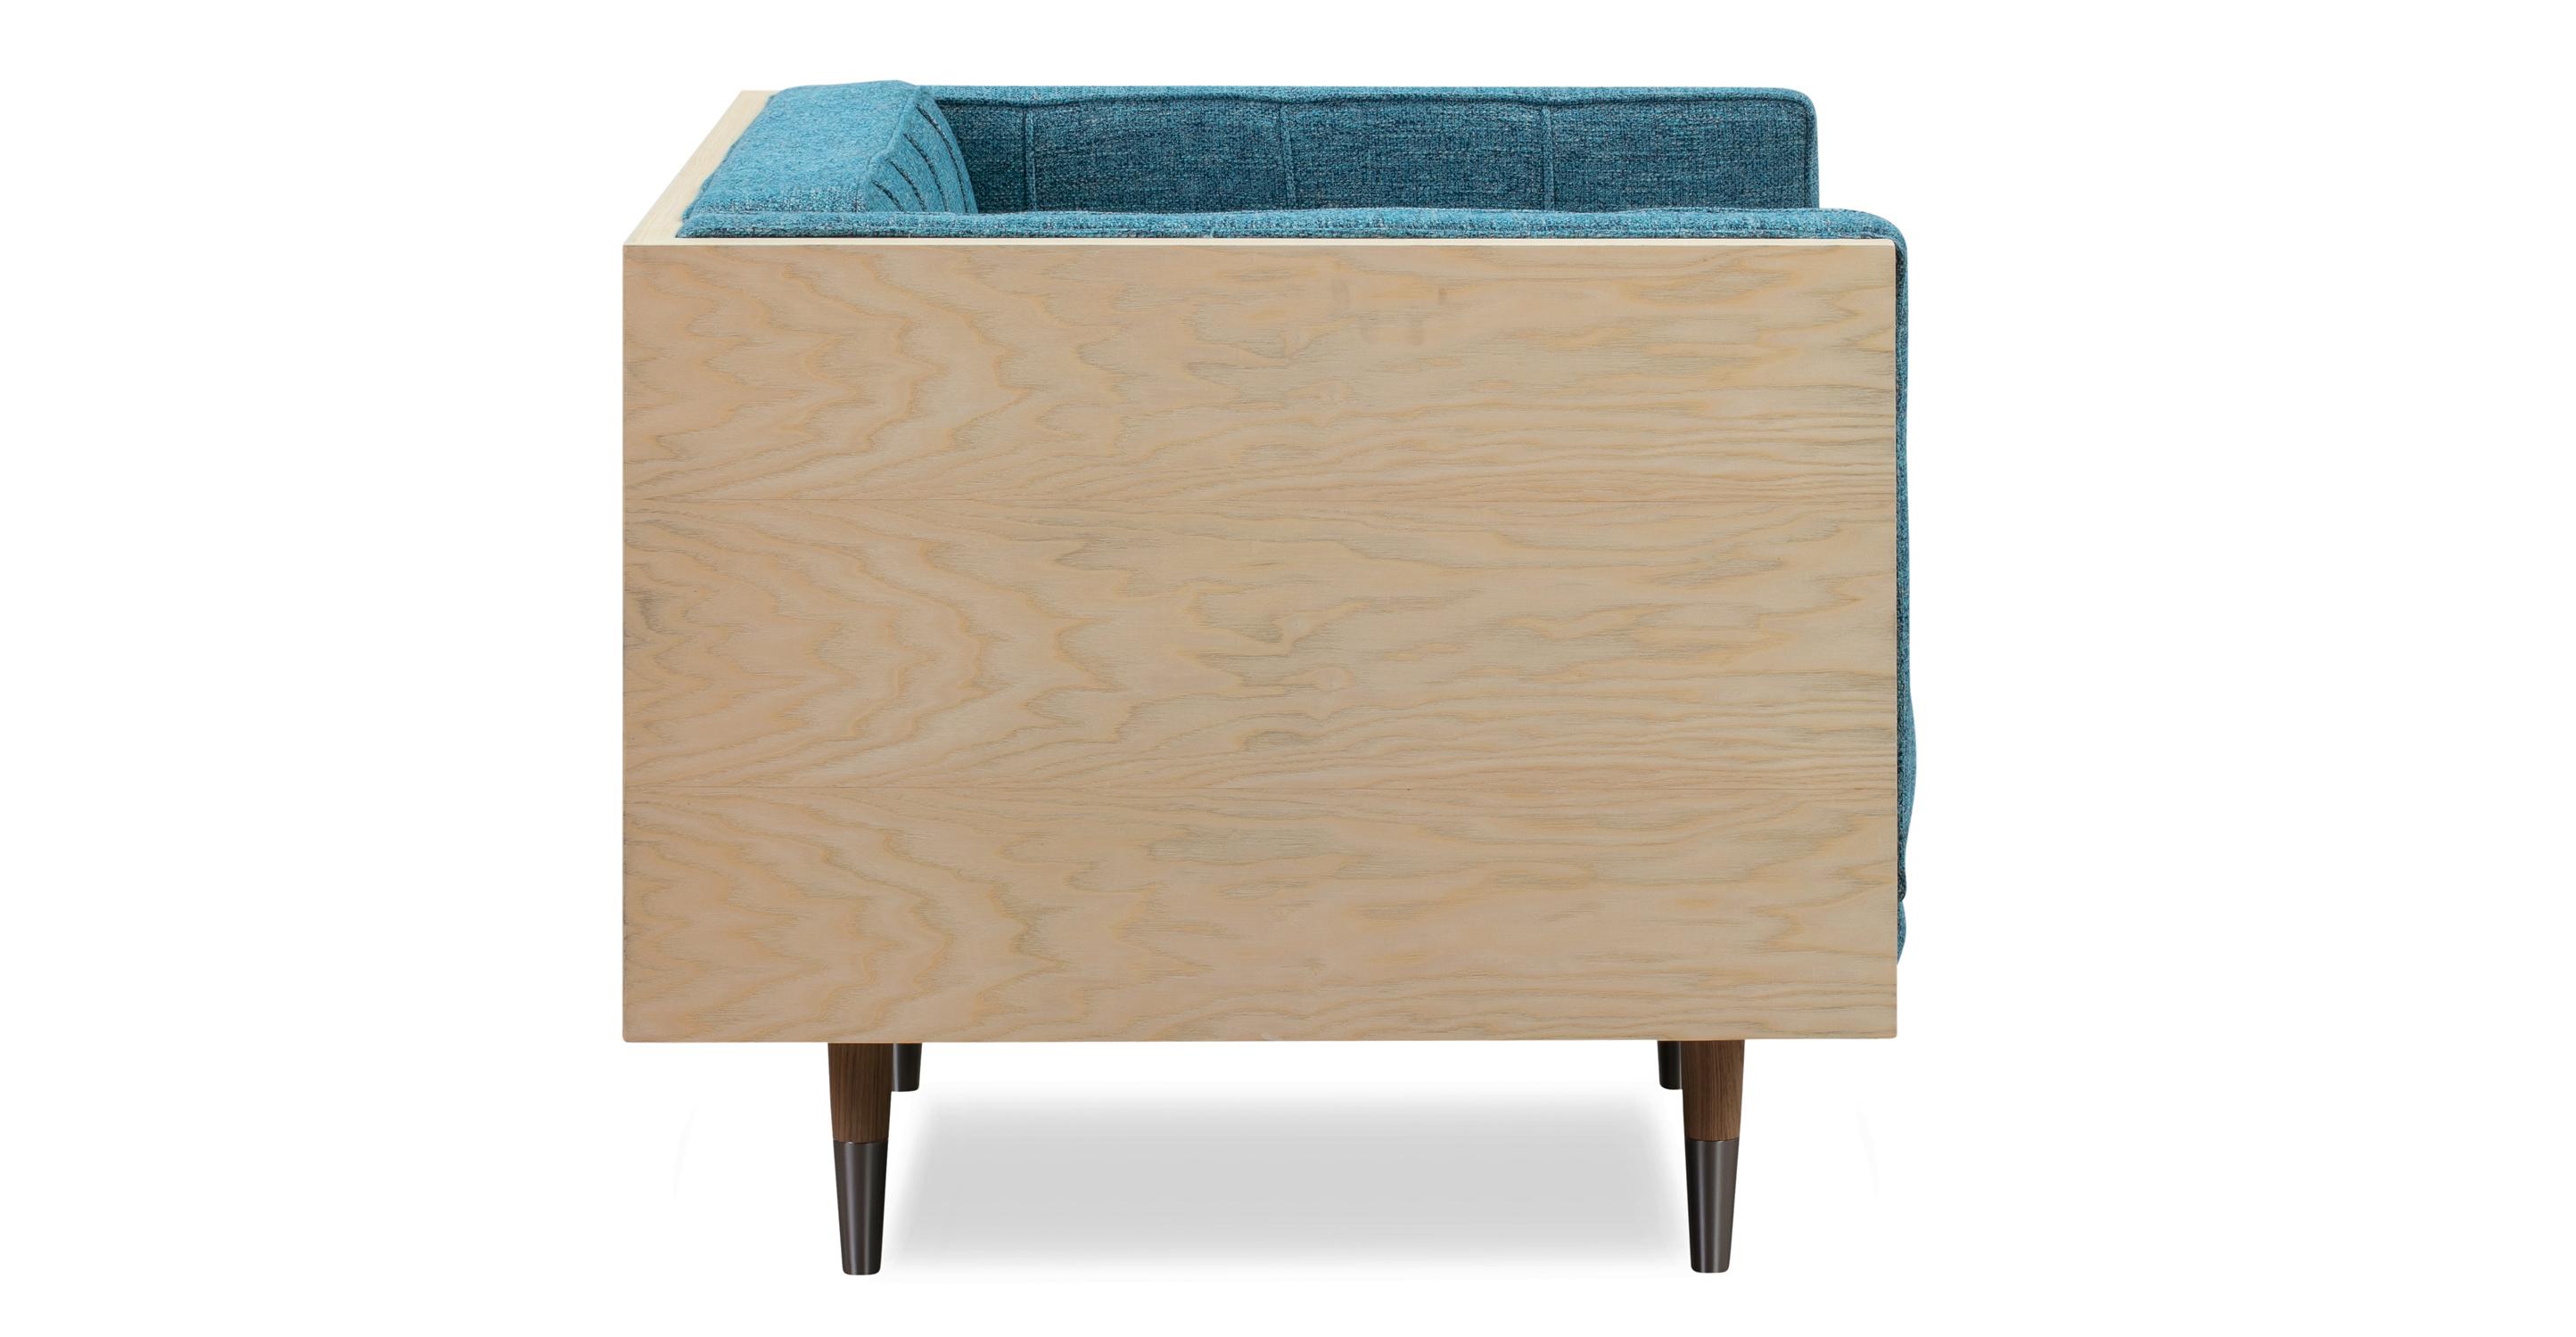 Woodrow Box Chair, Ash/Bliss